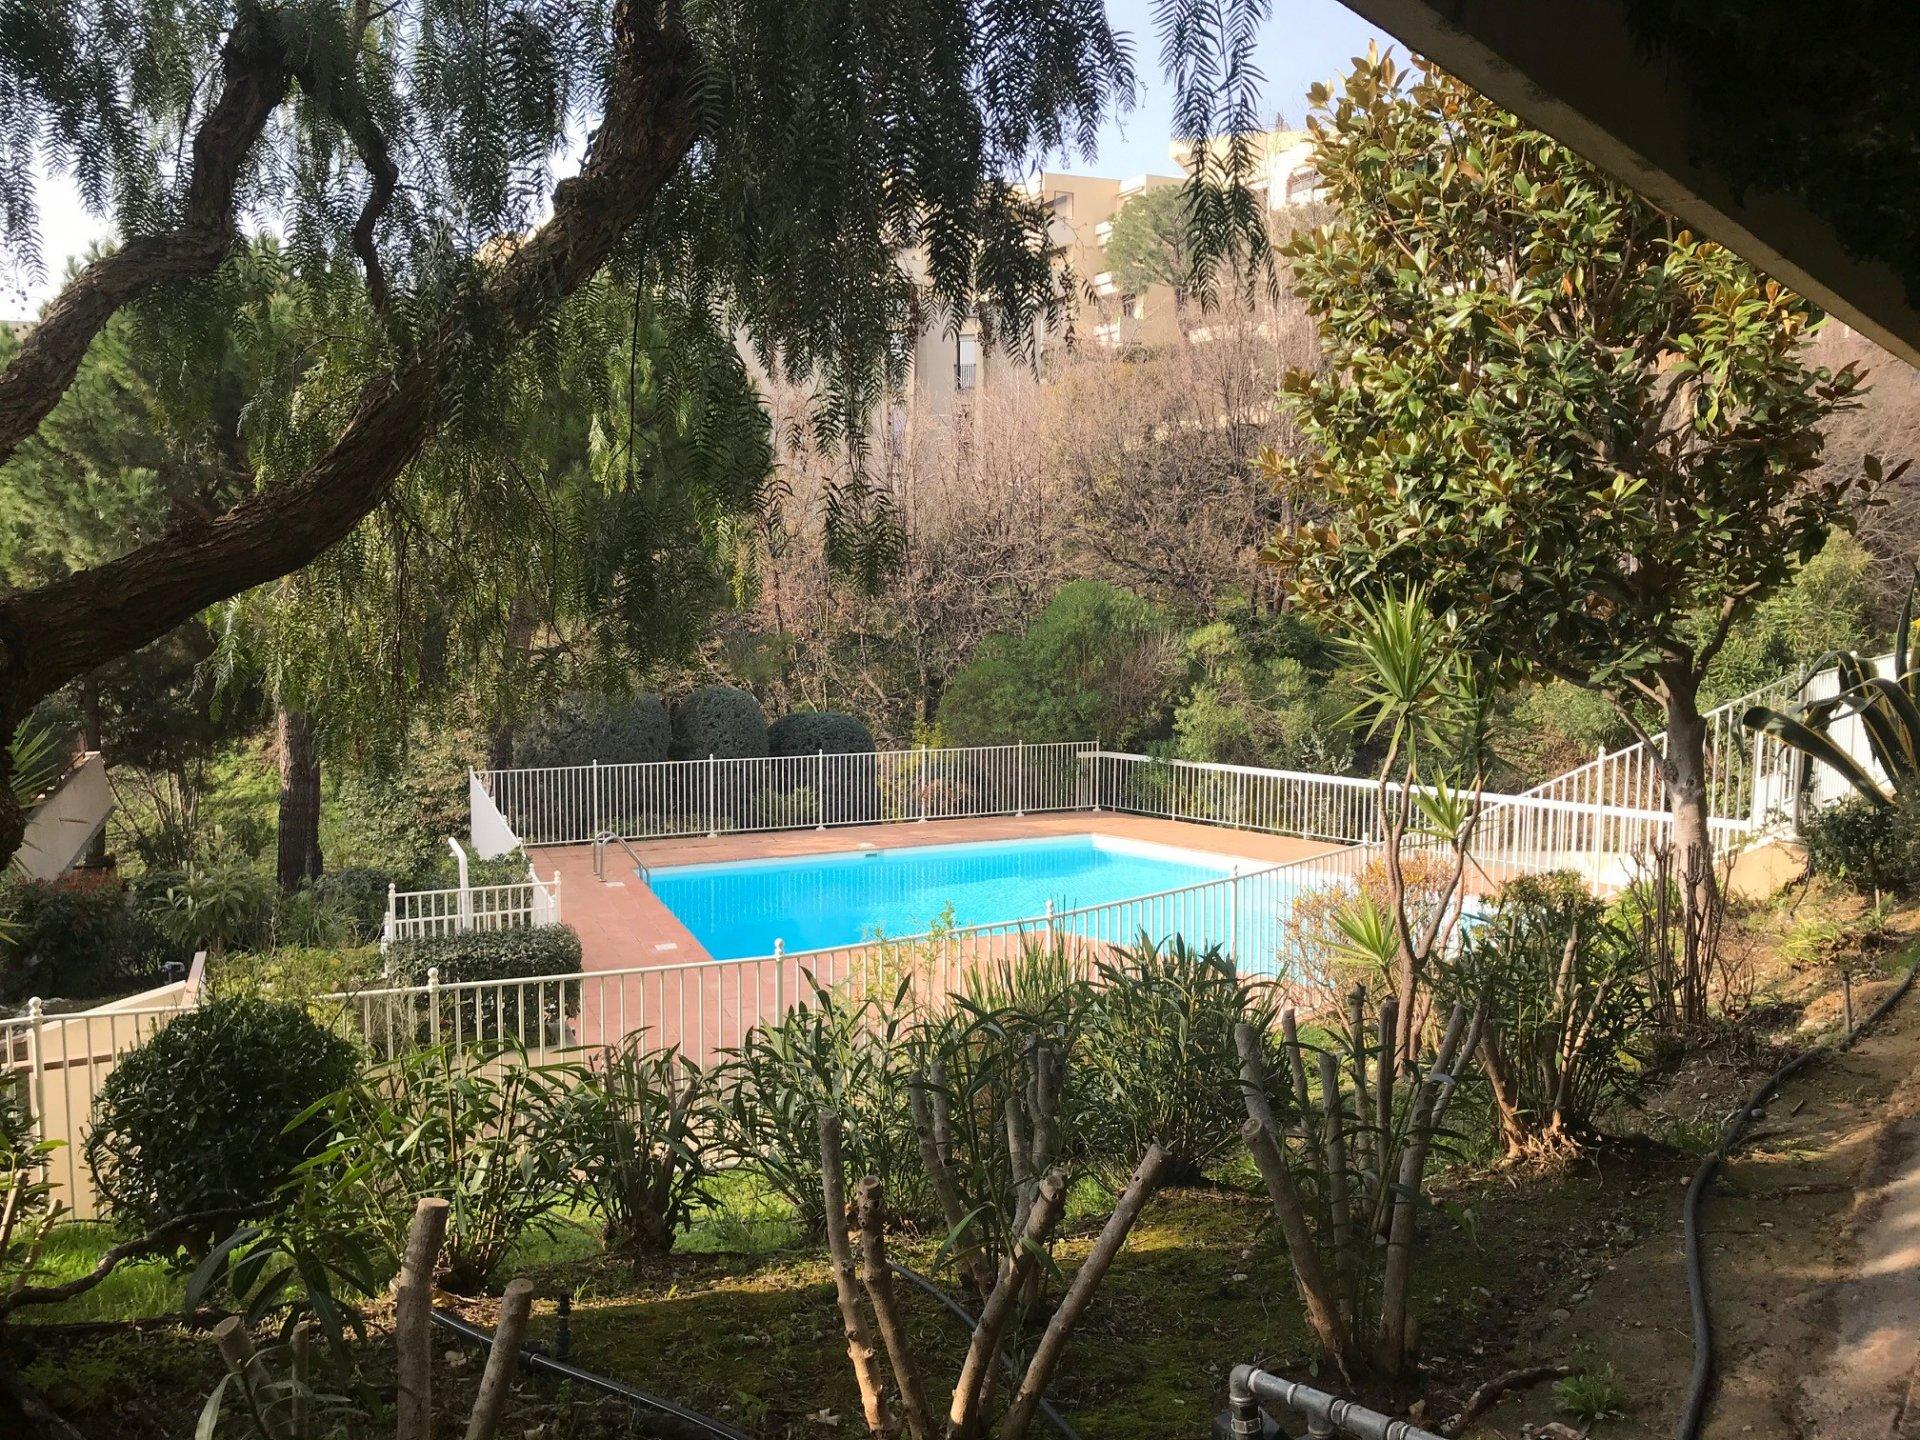 Studio meublé résidence avec piscine